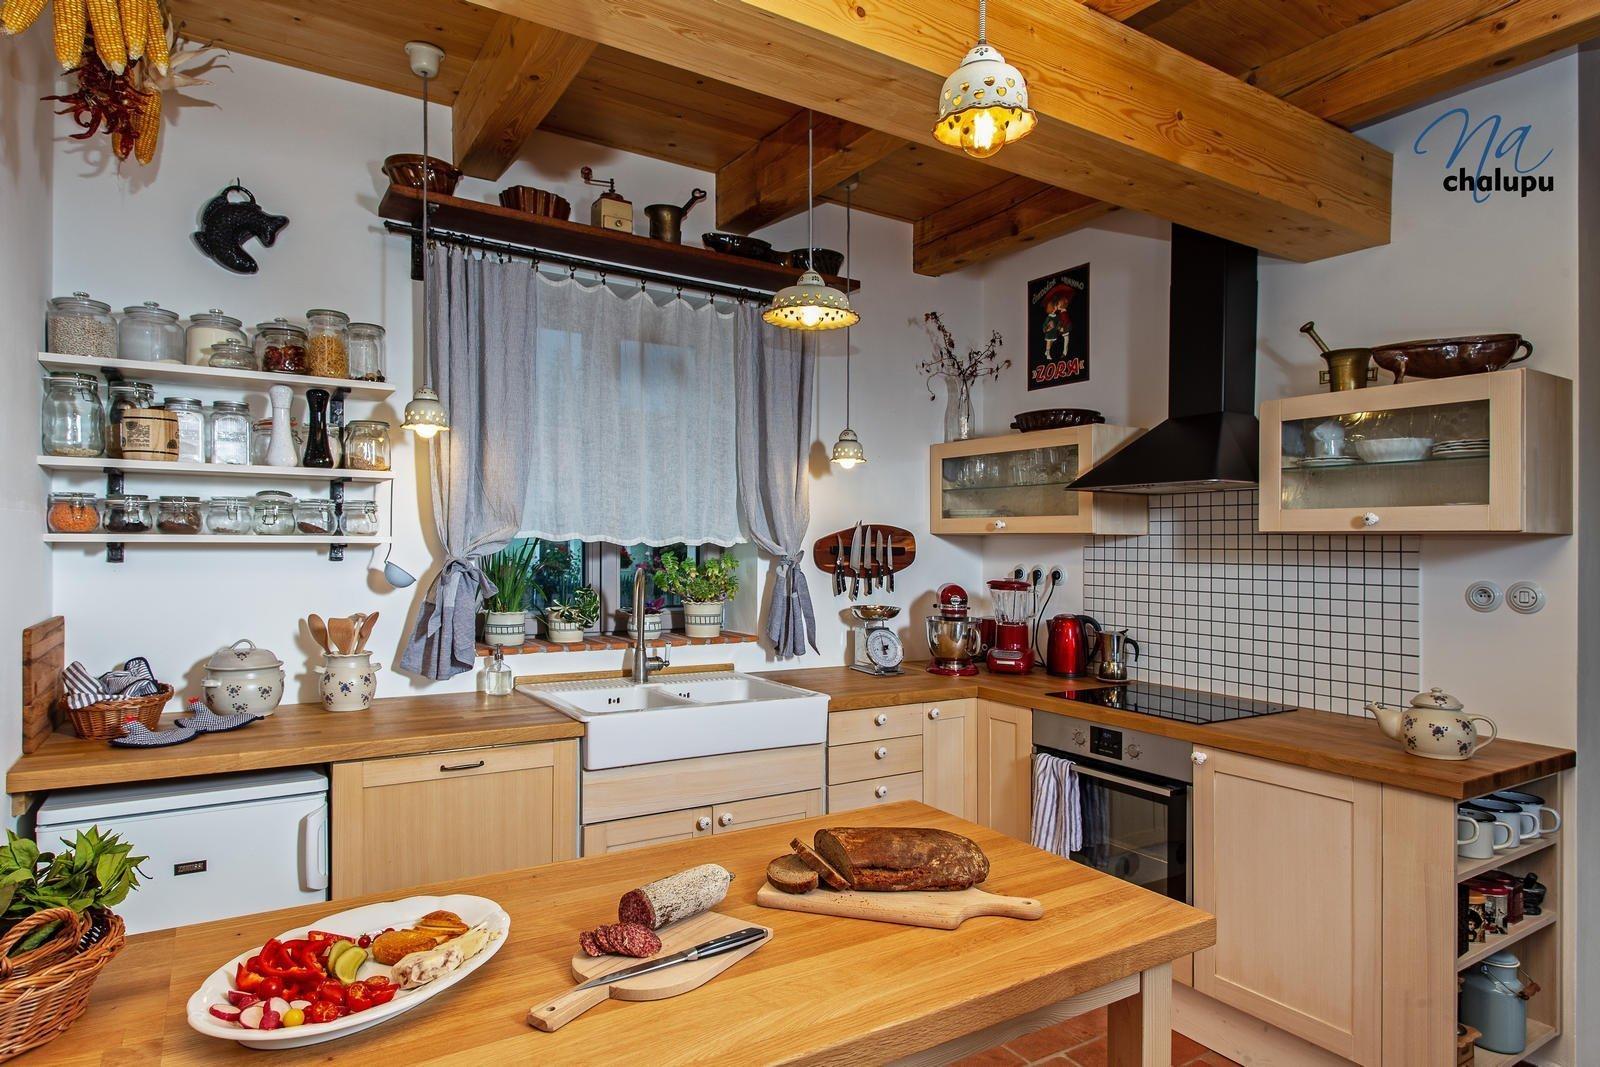 Kuchyň není nijak velká, dvěma lidem ale bohatě stačí